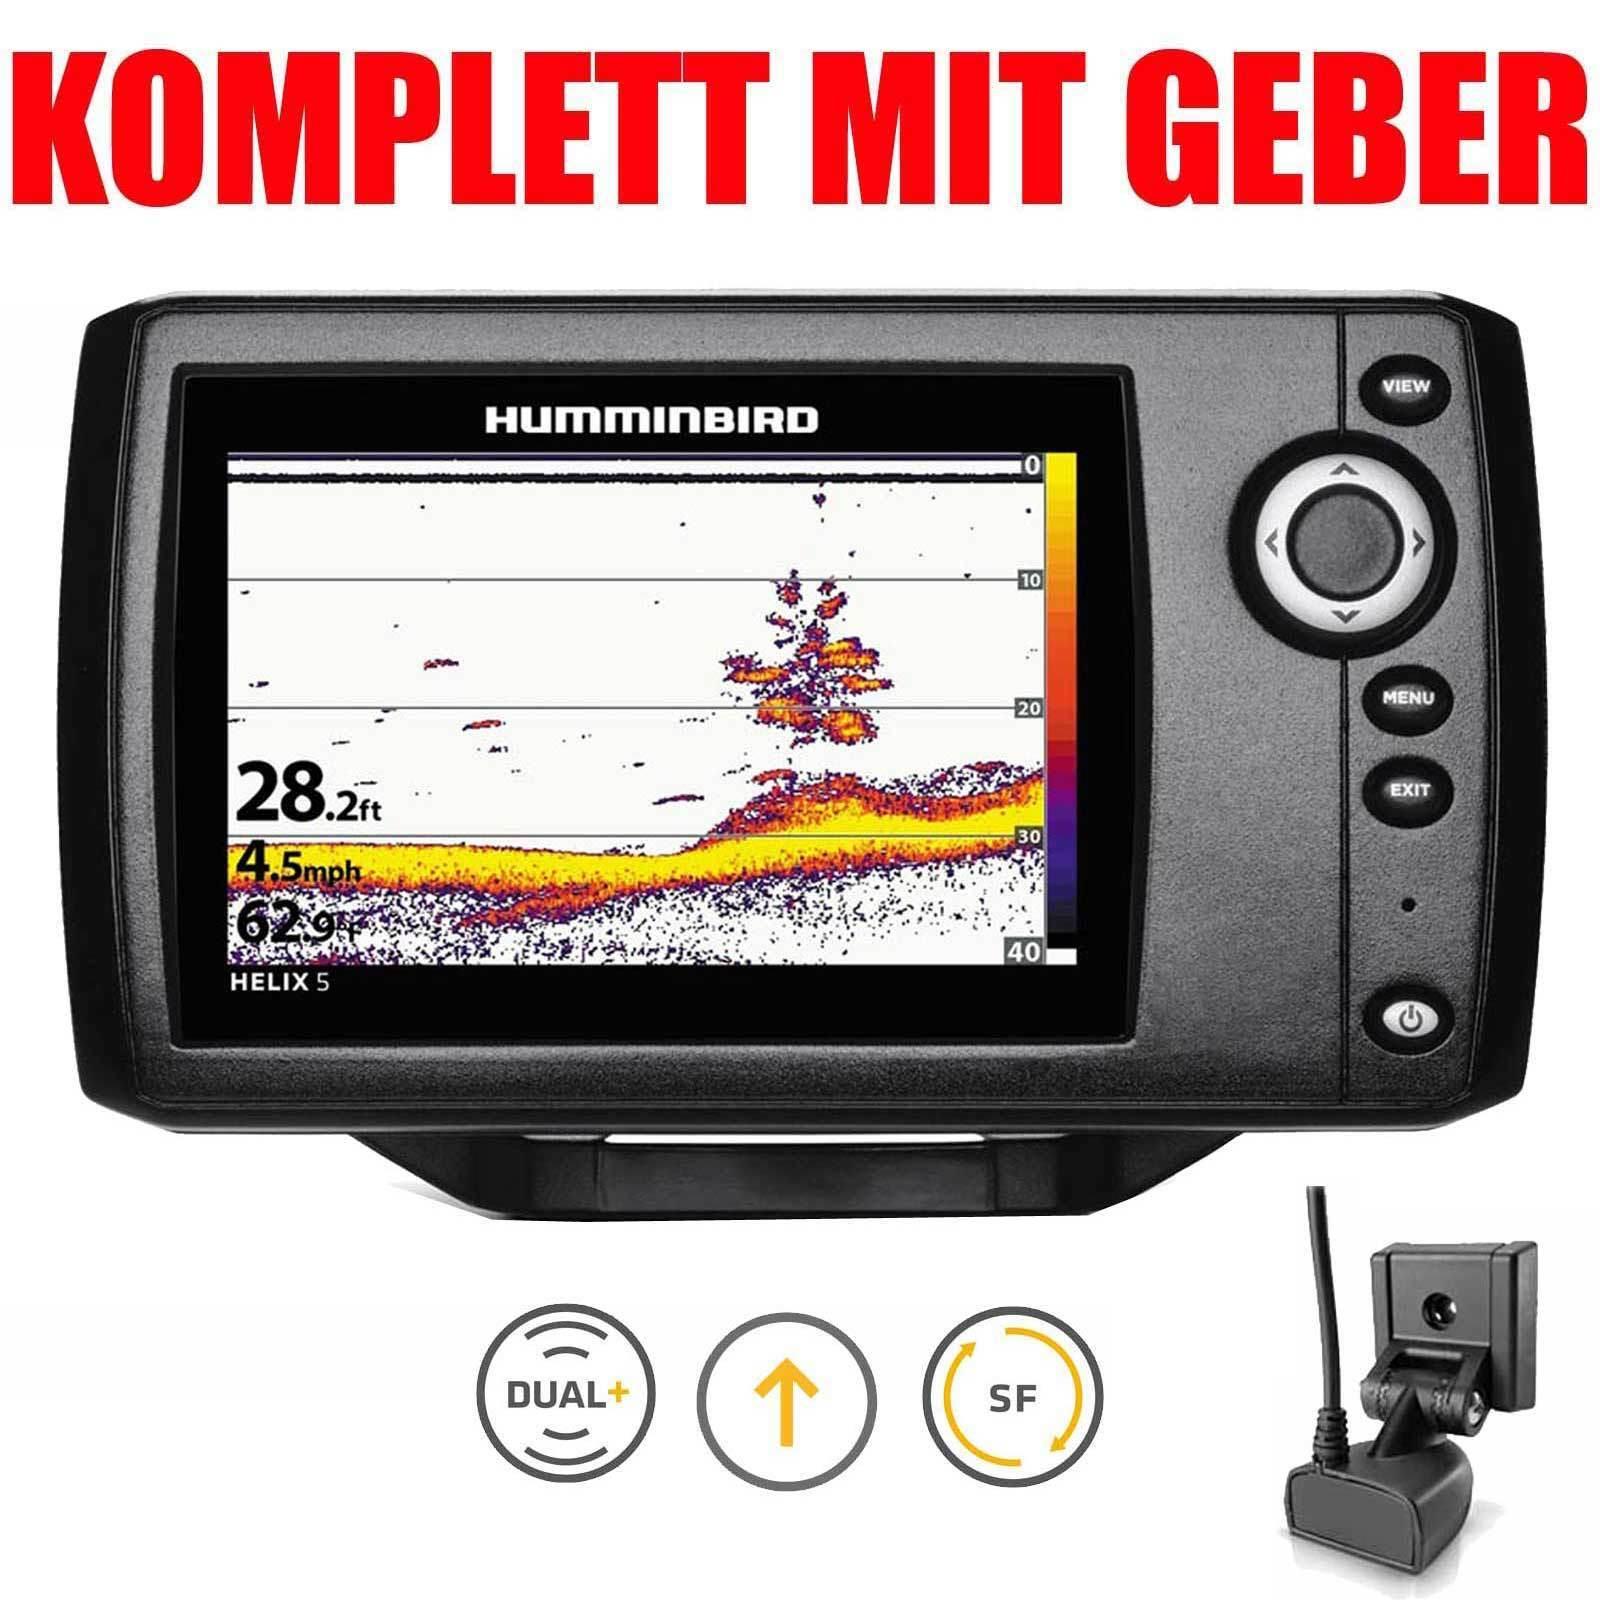 Humminbird Echolot komplett mit Geber Fischfinder - 5 Helix 5 - G2 Sonar c8b905